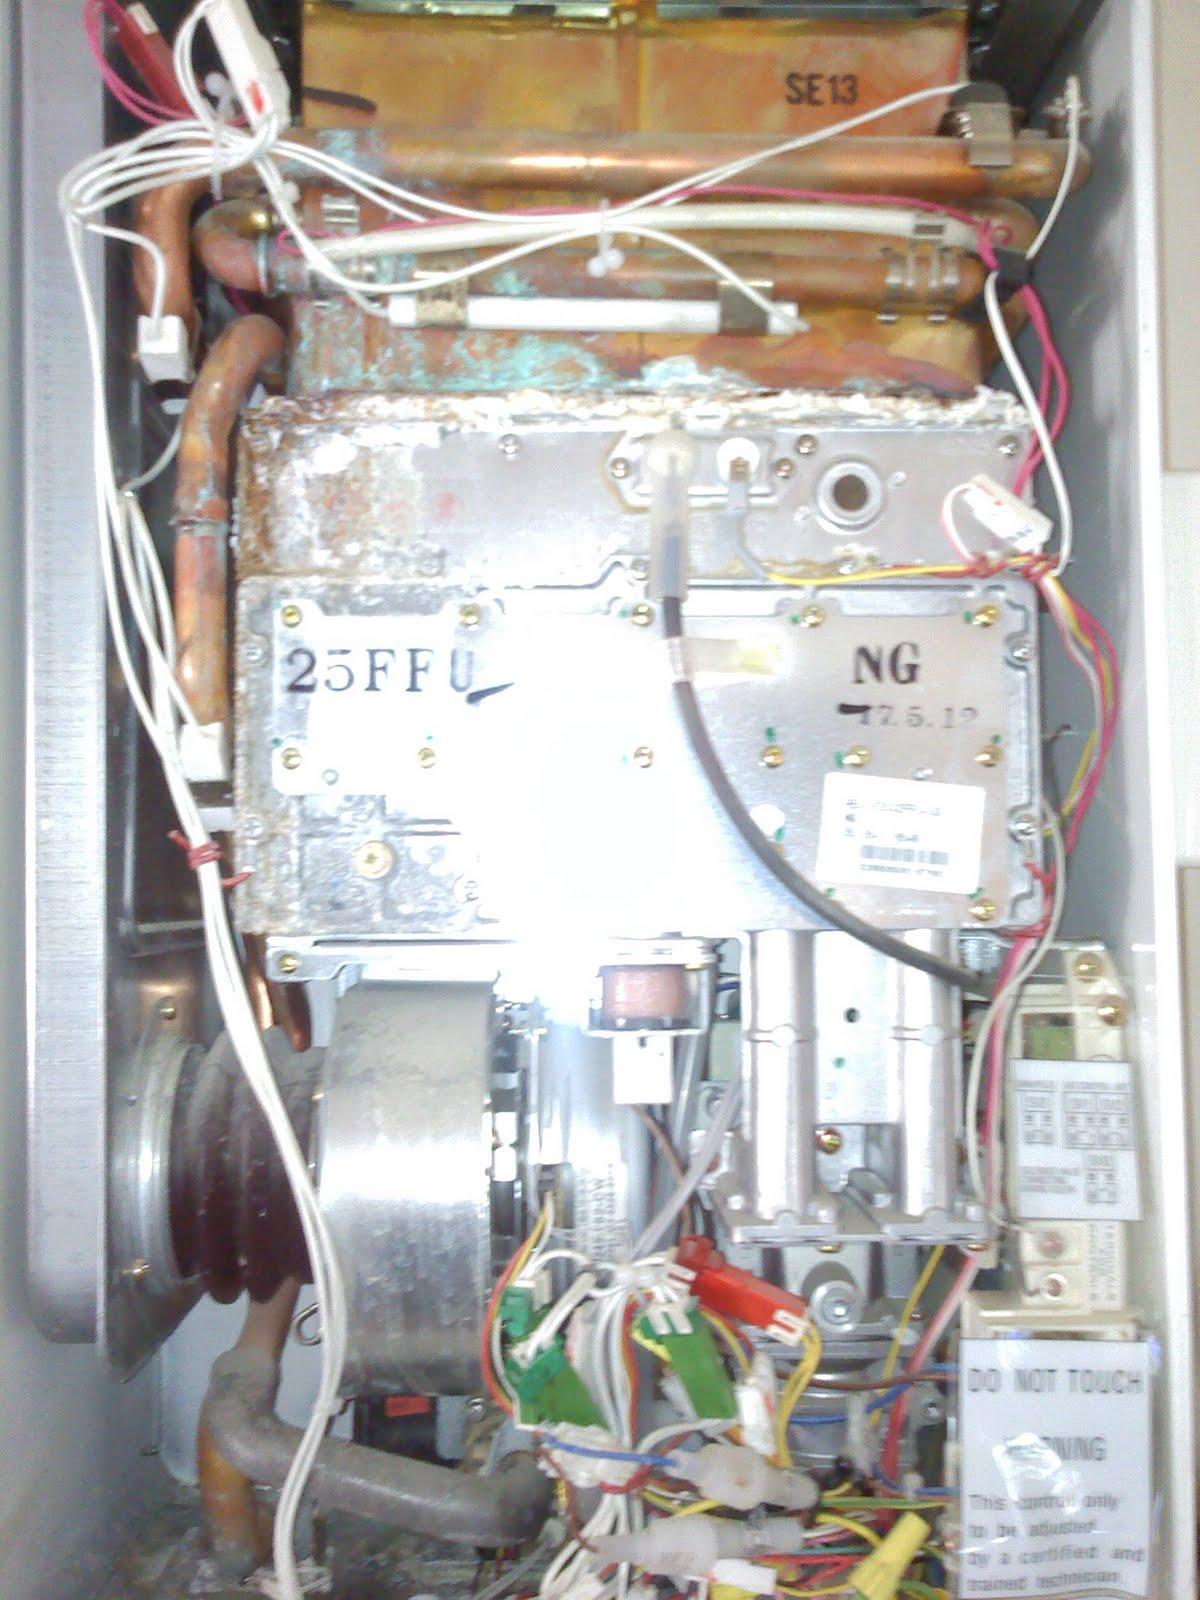 oil fired boiler wiring diagram images boiler diagram image about wiring and wiring engine